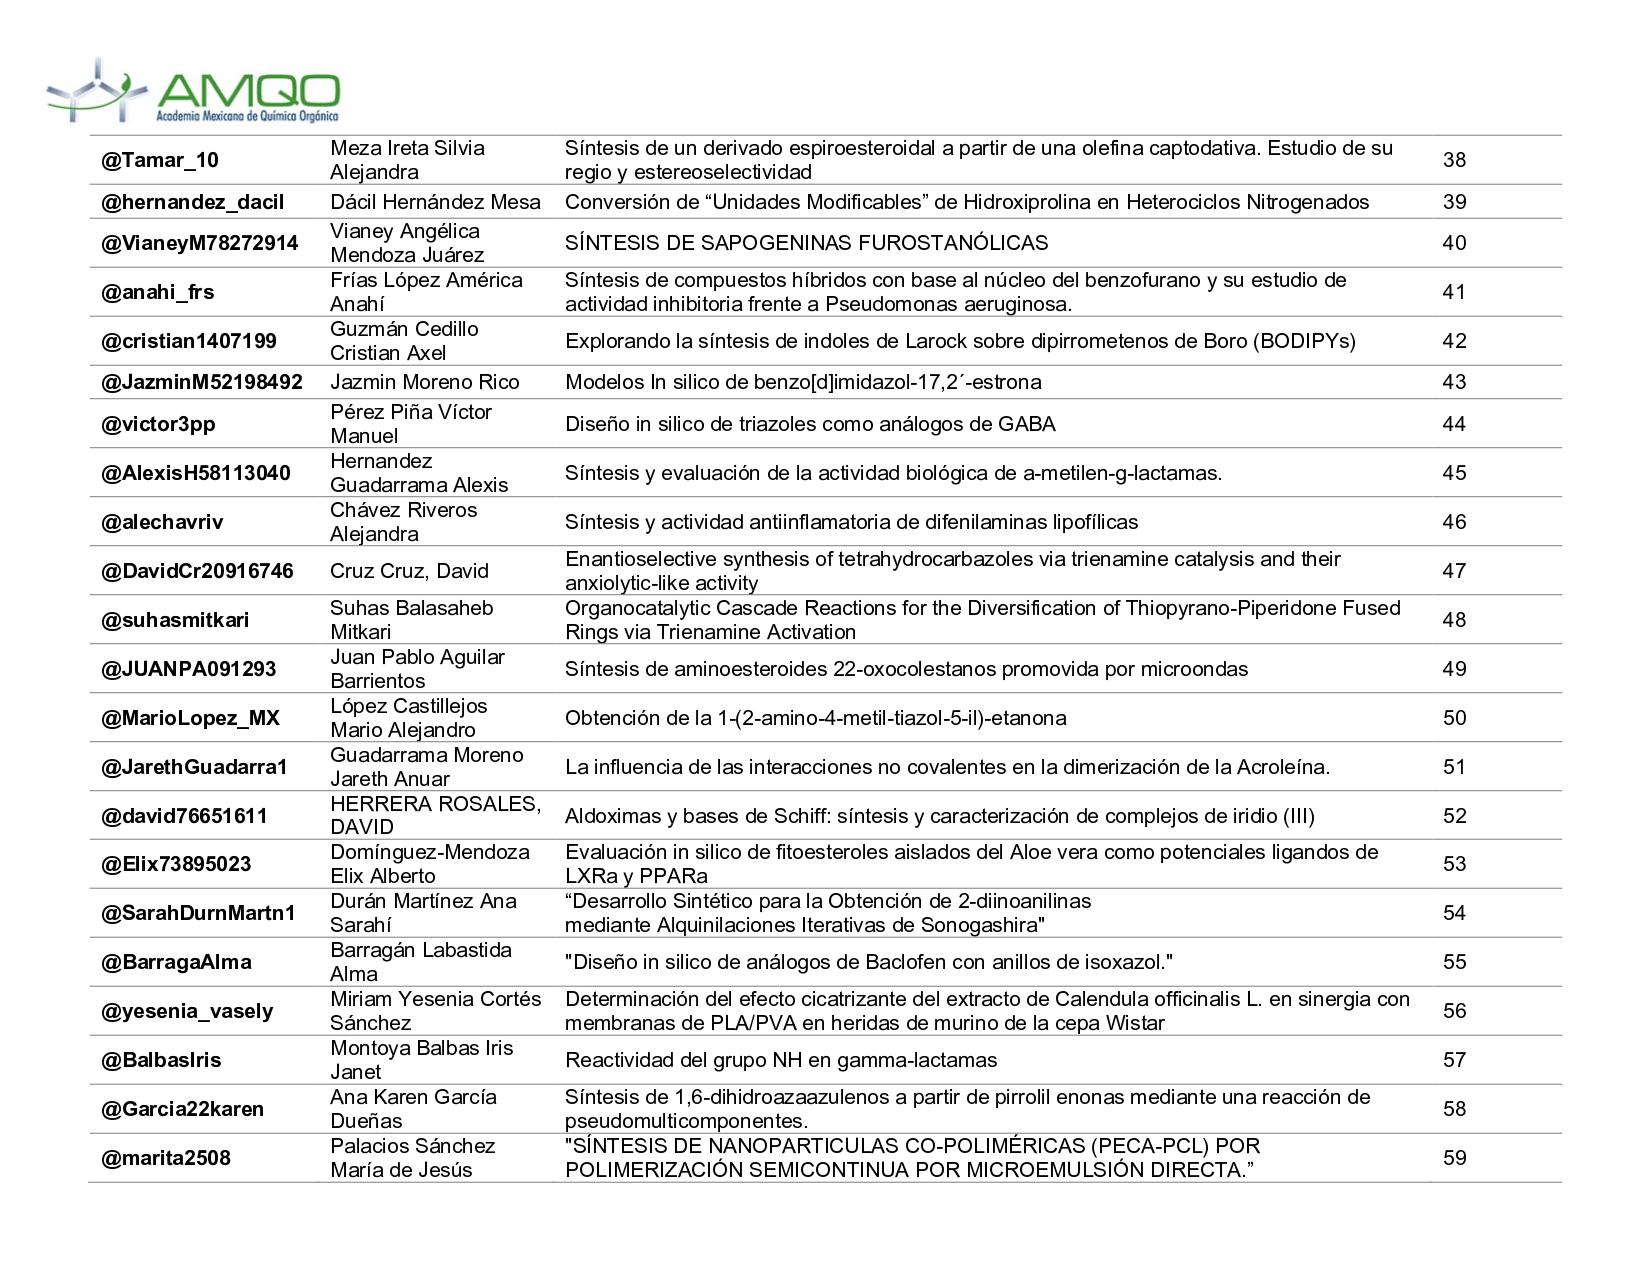 Lista de carteles XVI AMQO_pages-to-jpg-0003